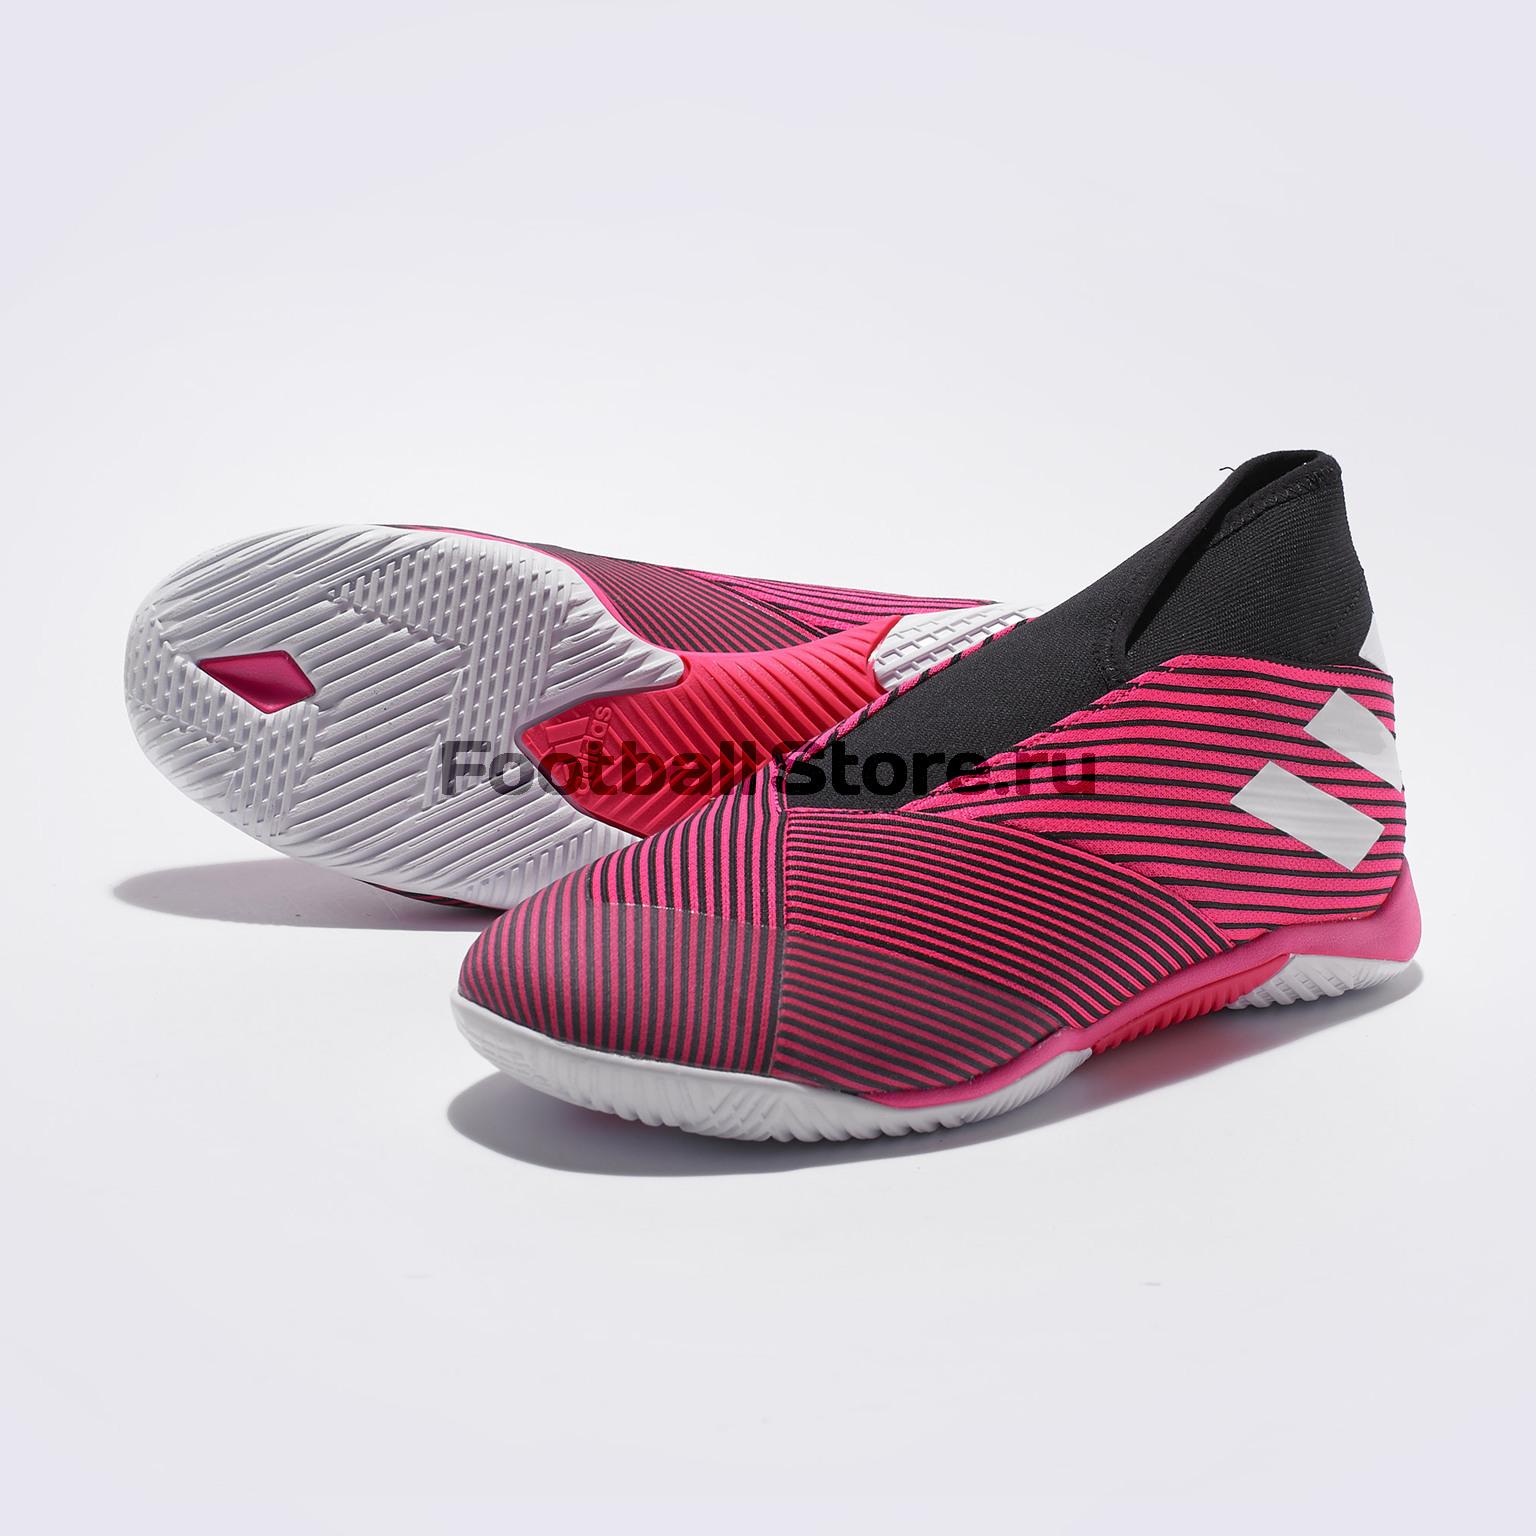 Футзалки Adidas Nemeziz 19.3 LL IN EF0393